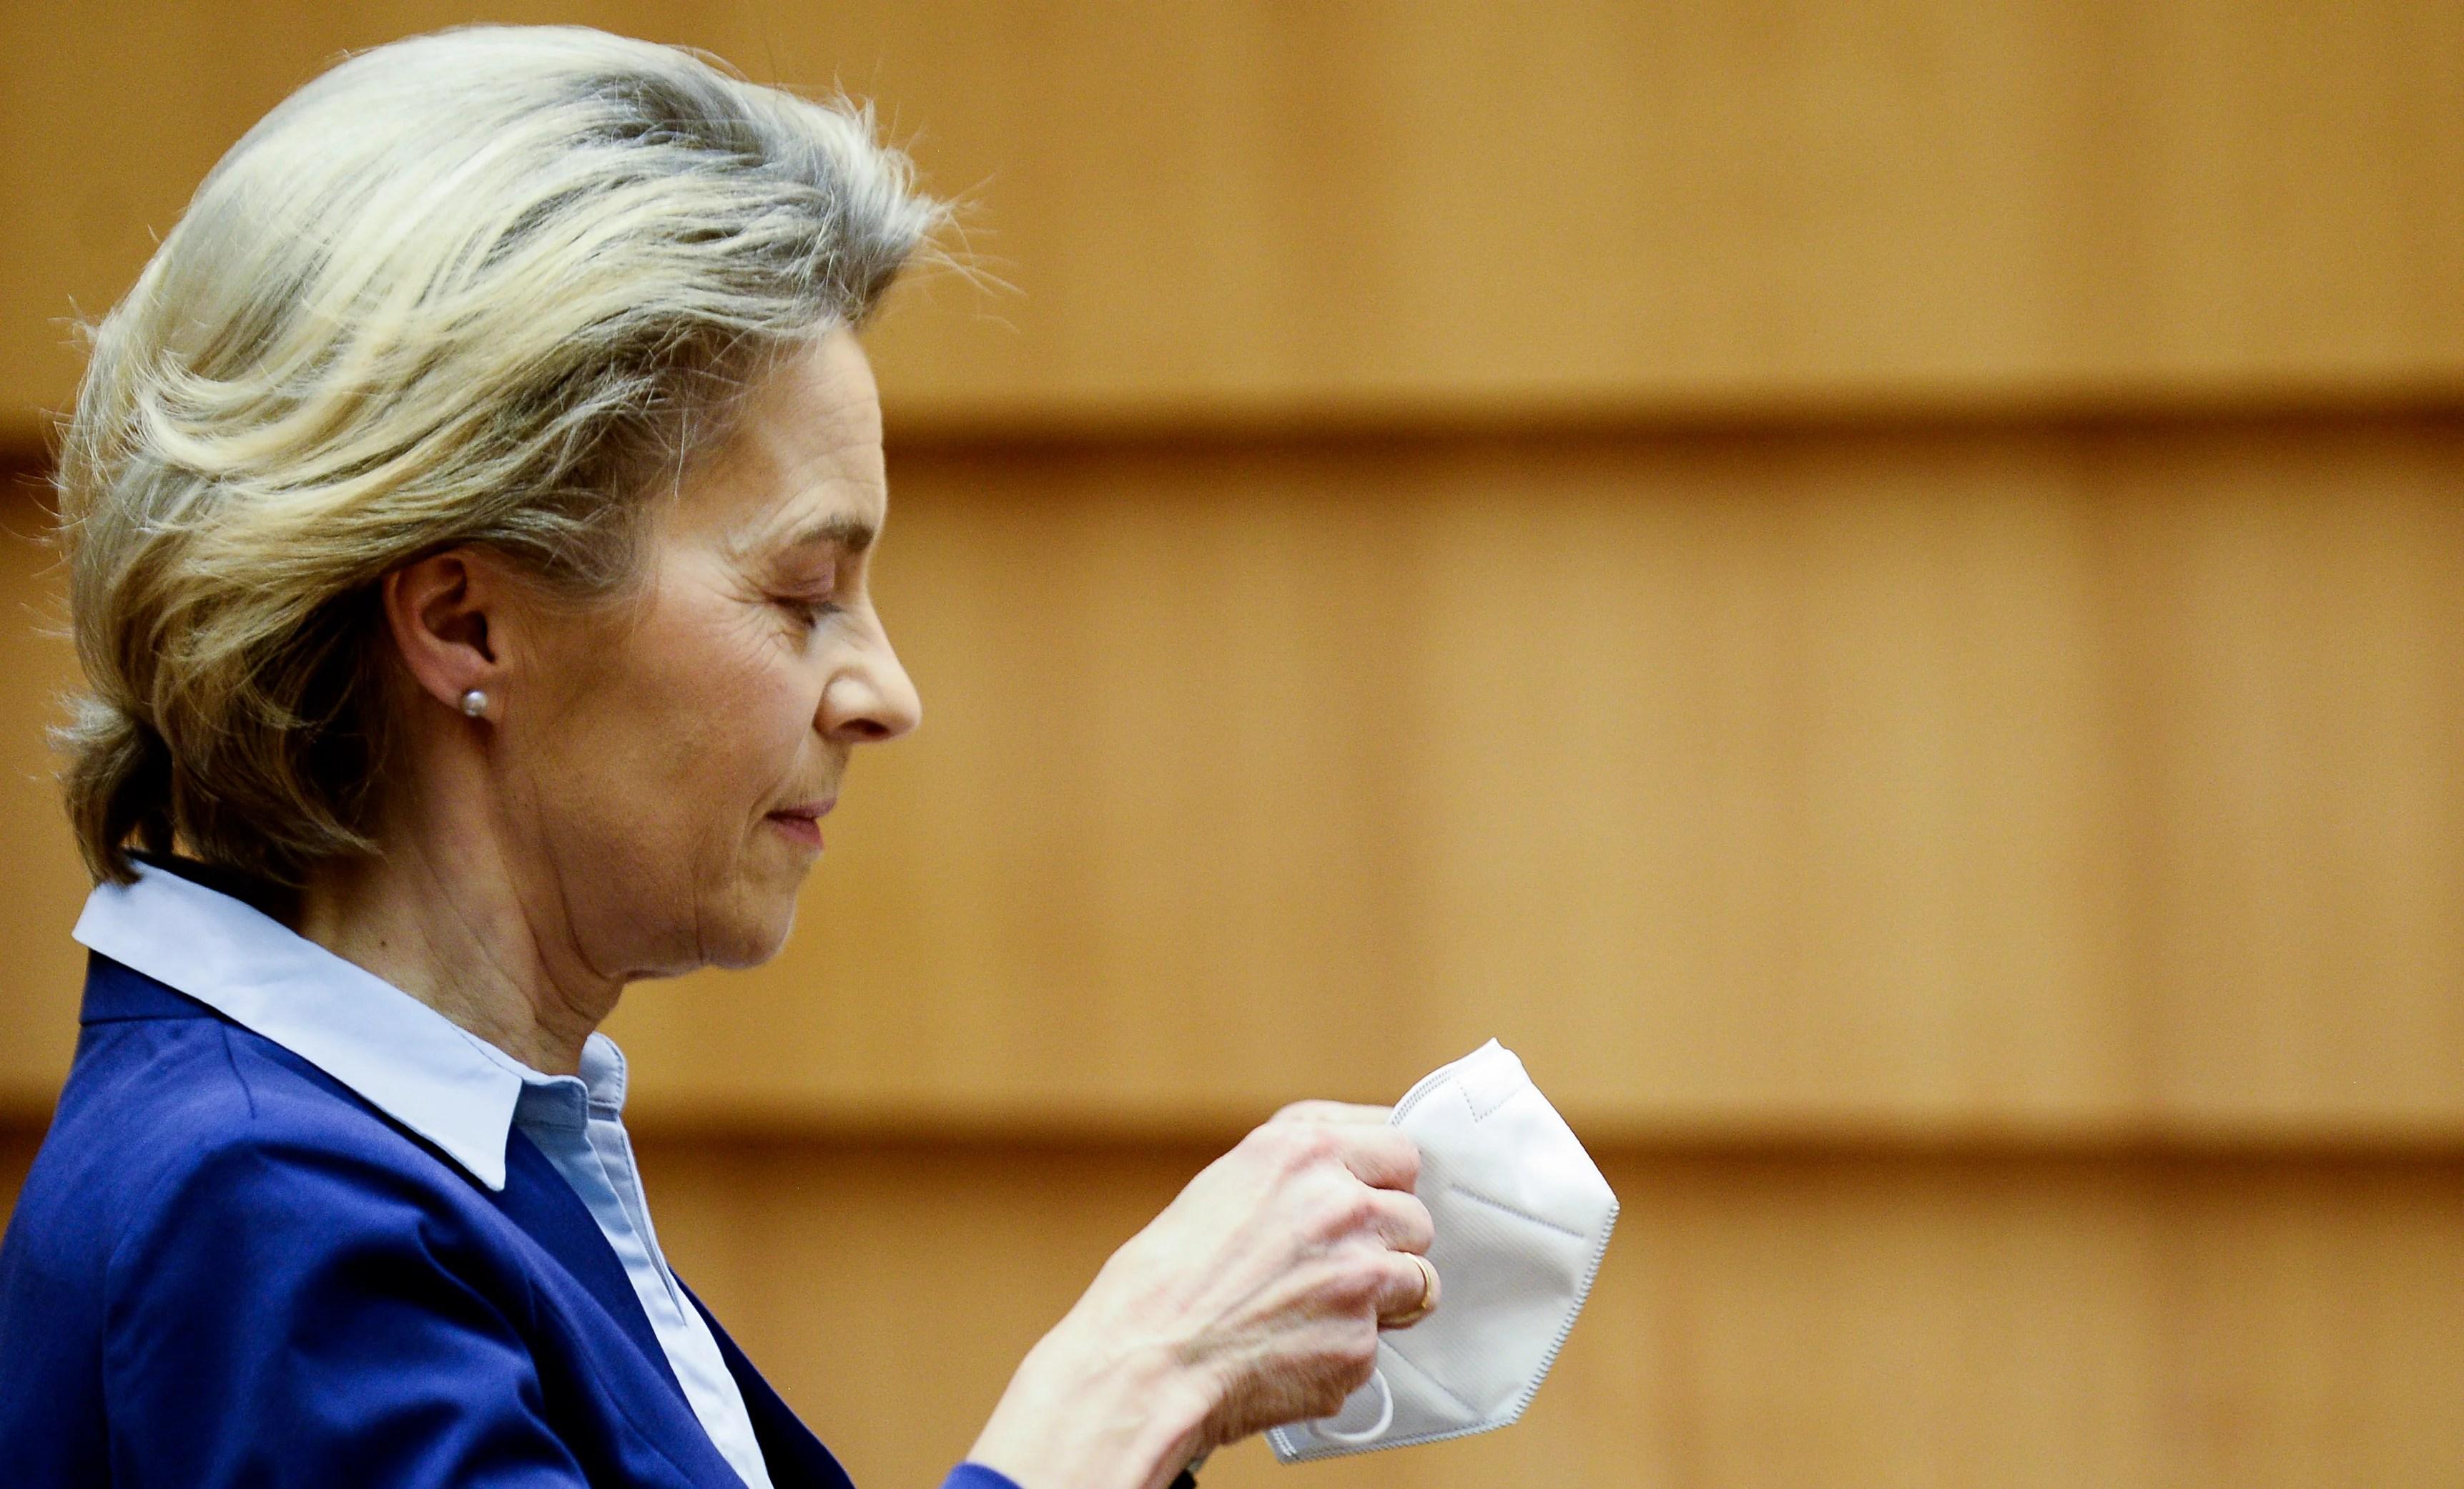 Covid: European 'mistakes were made' over EU-UK vaccine row,  Ursula von der Leyen admits